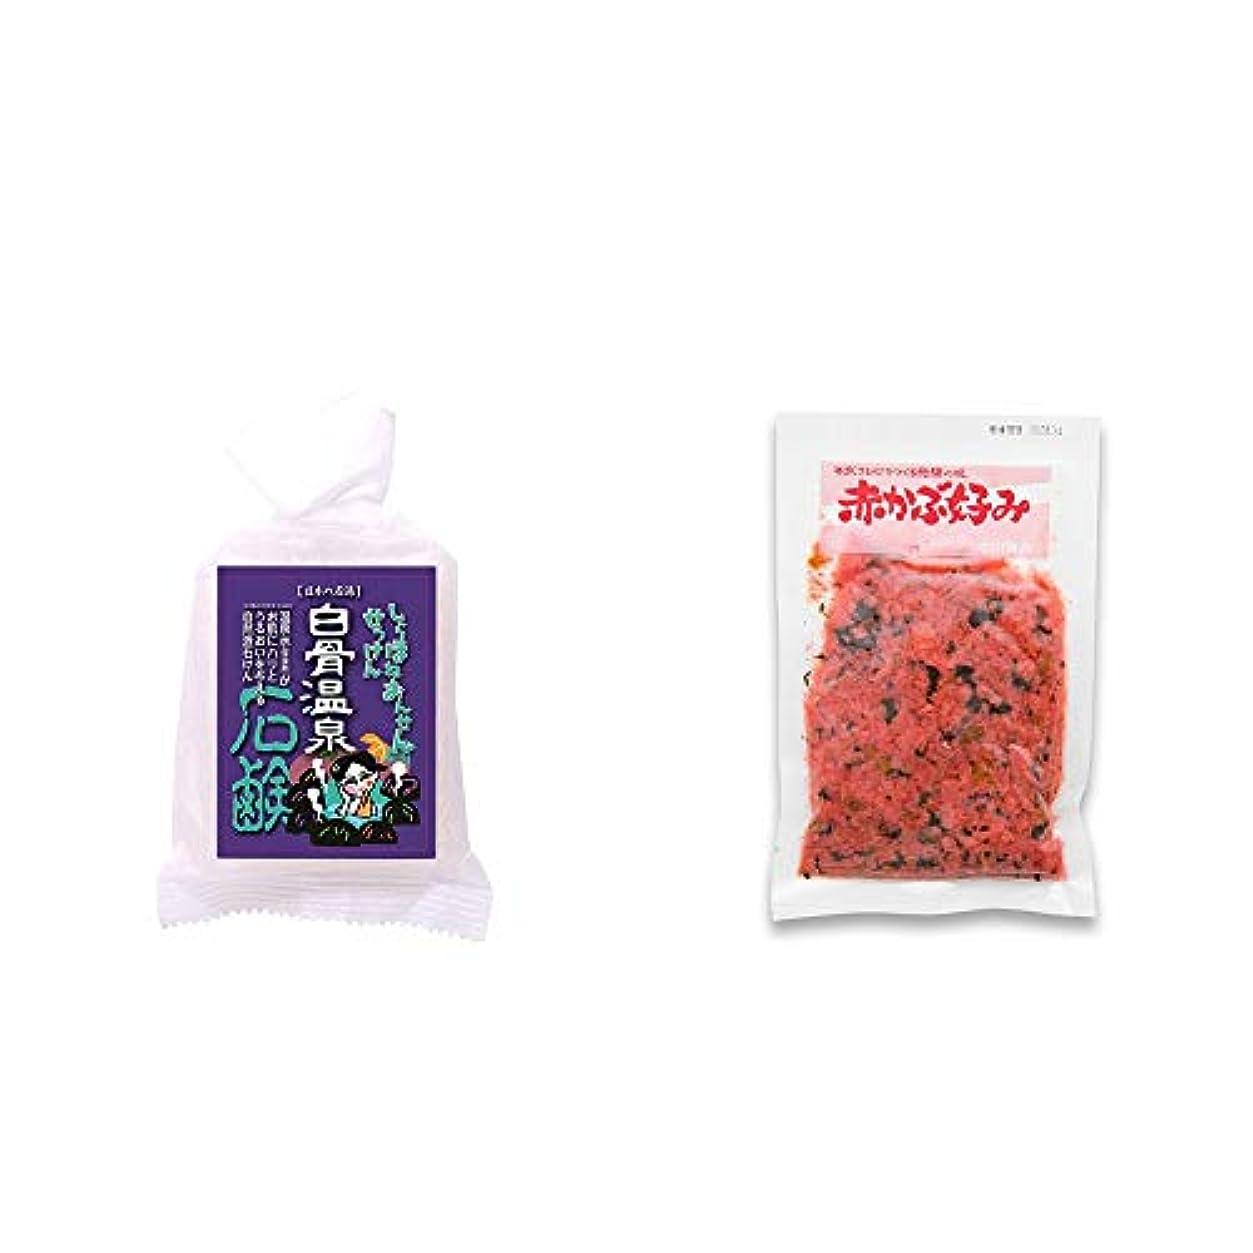 融合暖かく裕福な[2点セット] 信州 白骨温泉石鹸(80g)?赤かぶ好み(150g)